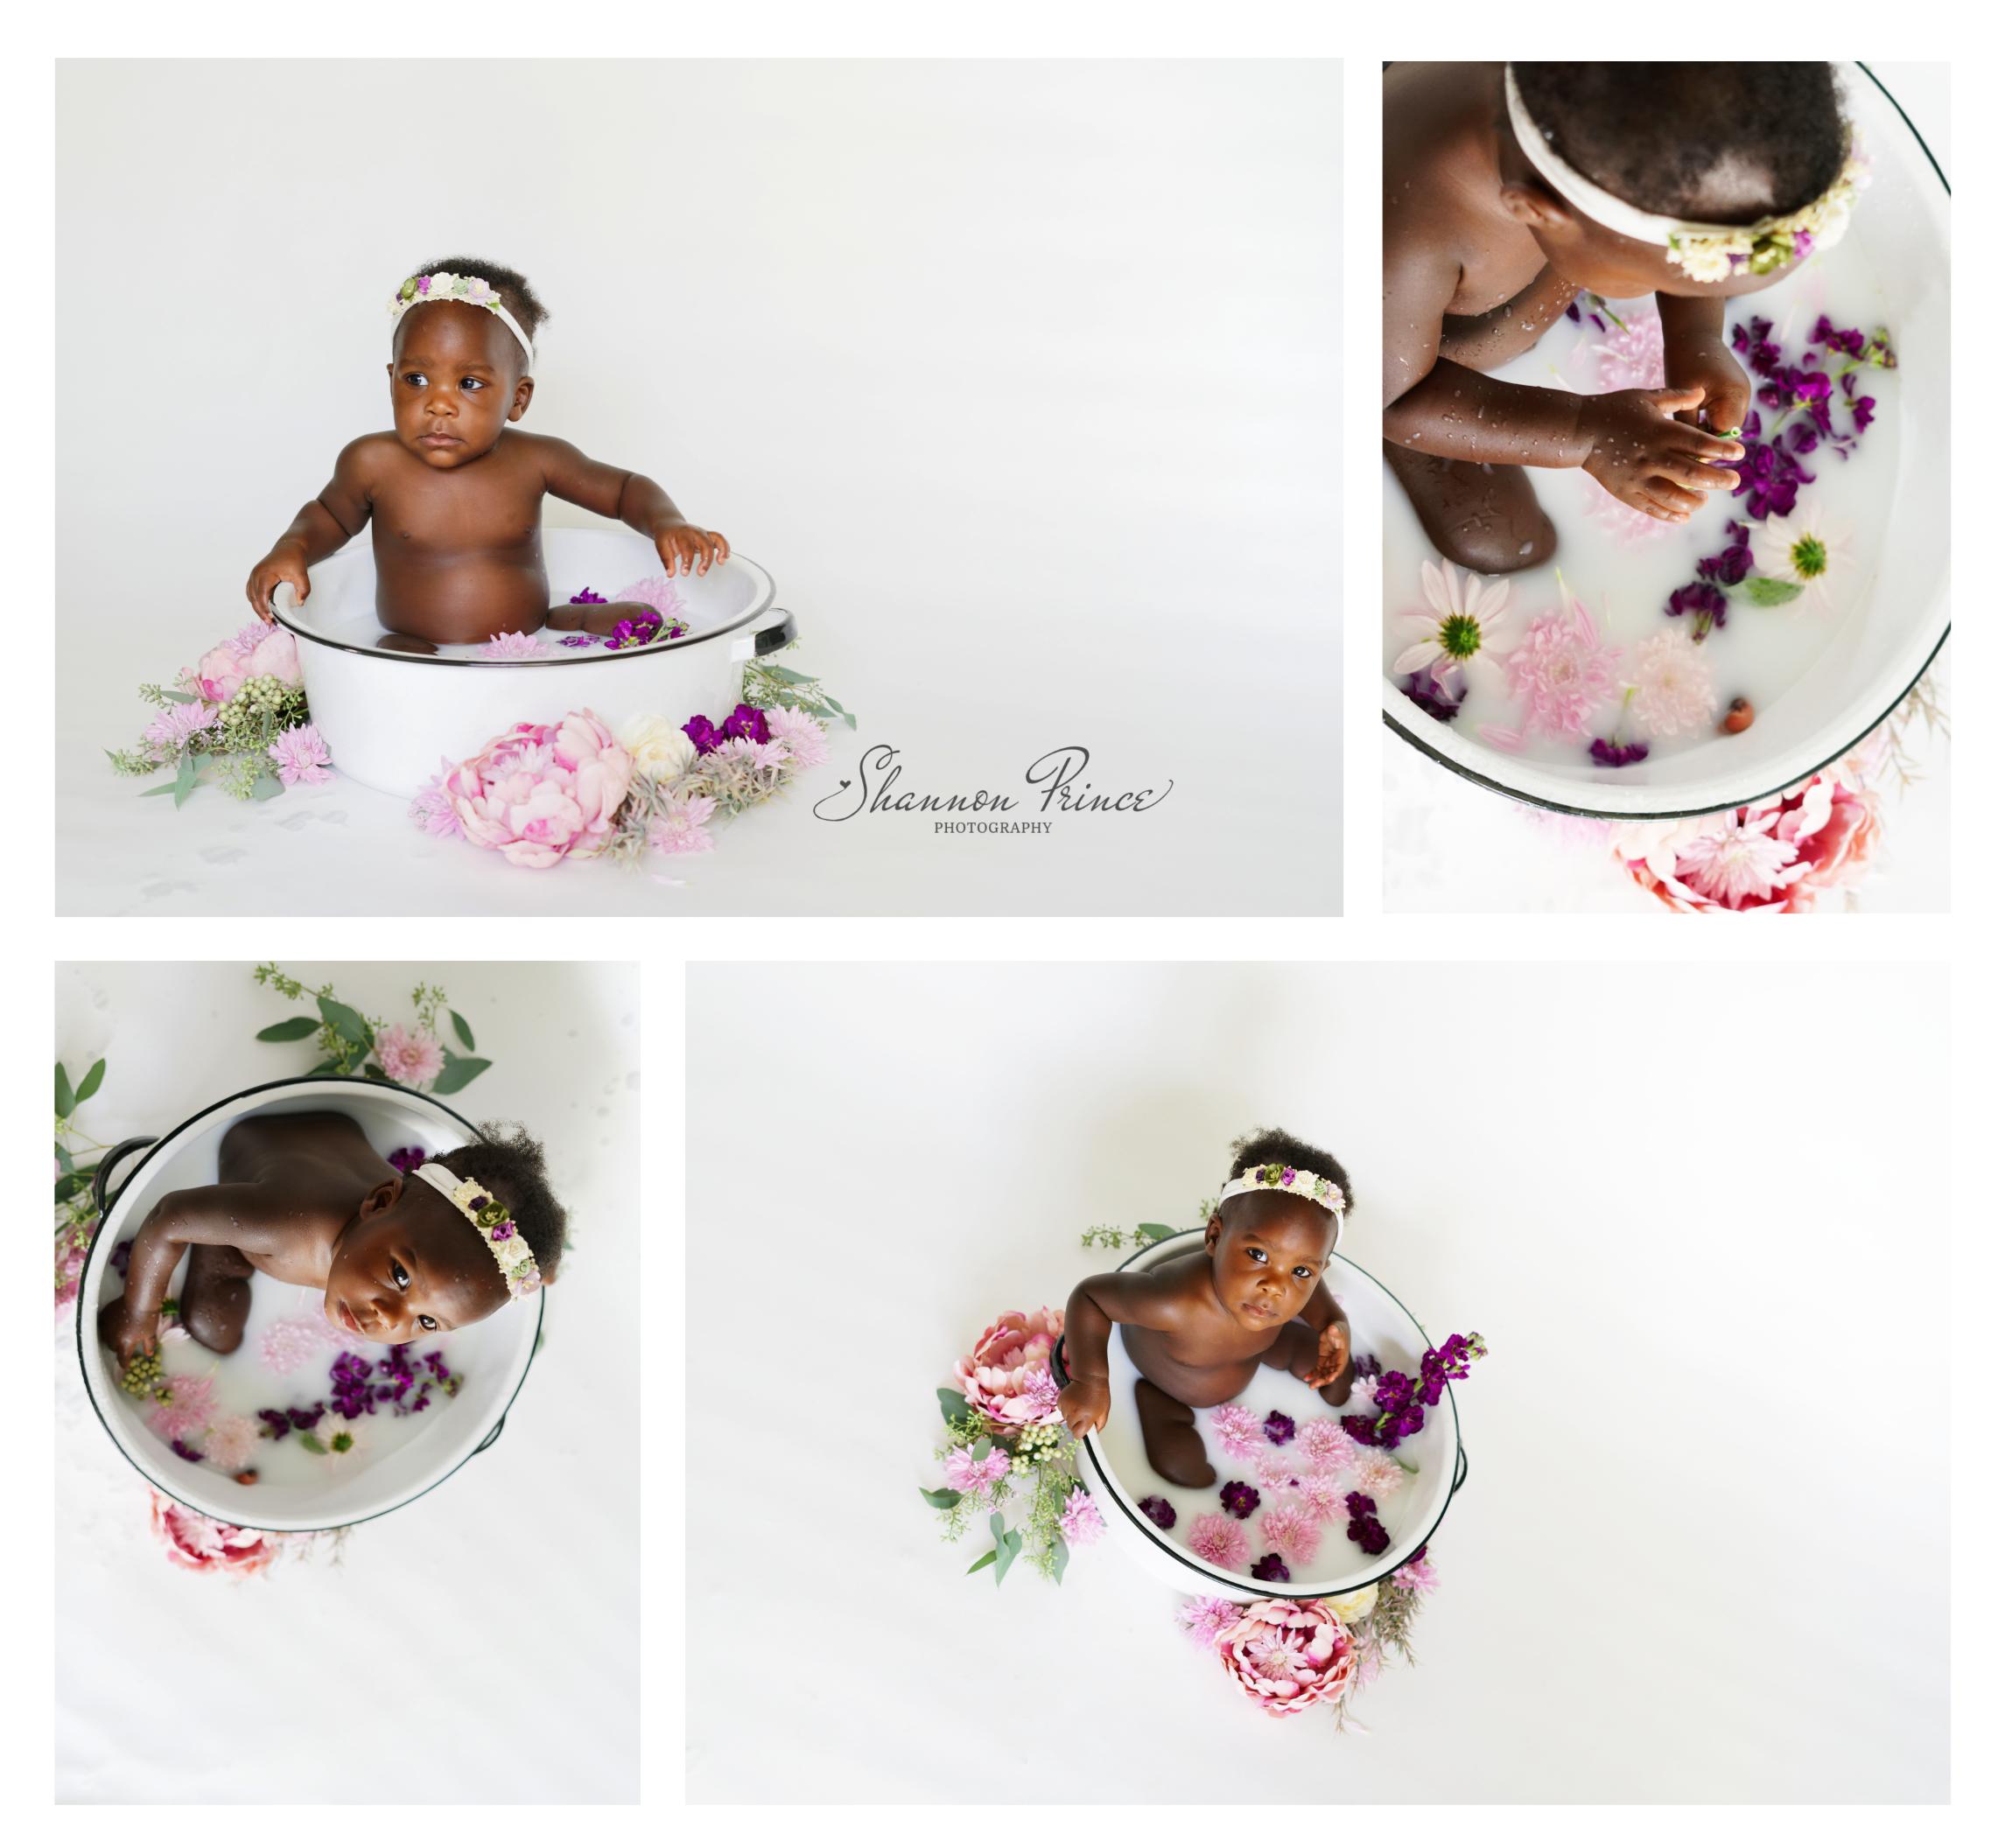 milk bath collage 2.2.jpg